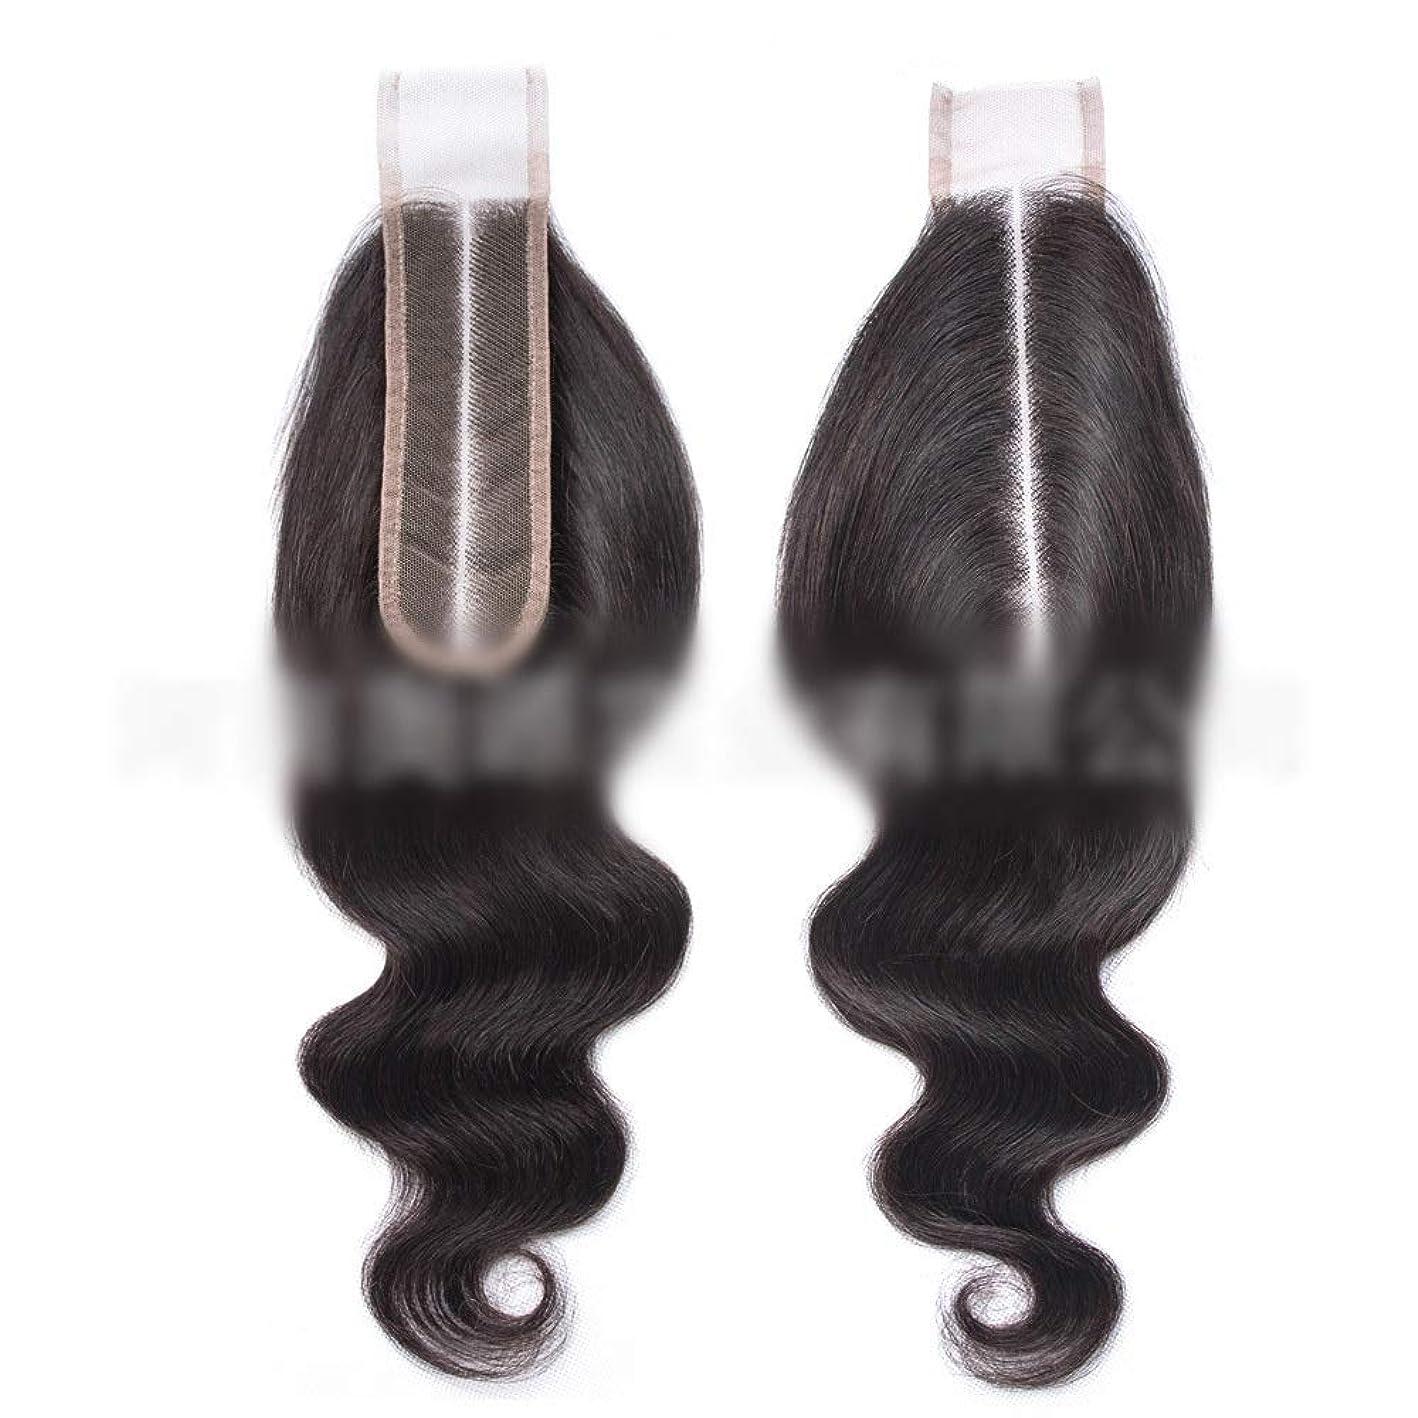 宗教ルーフ尾YESONEEP ブラジルのバージン実体波の毛ブラジルの人間の髪の毛中央部2 x 6レース前頭閉鎖ロールプレイングかつら女性のかつら (色 : 黒, サイズ : 16 inch)